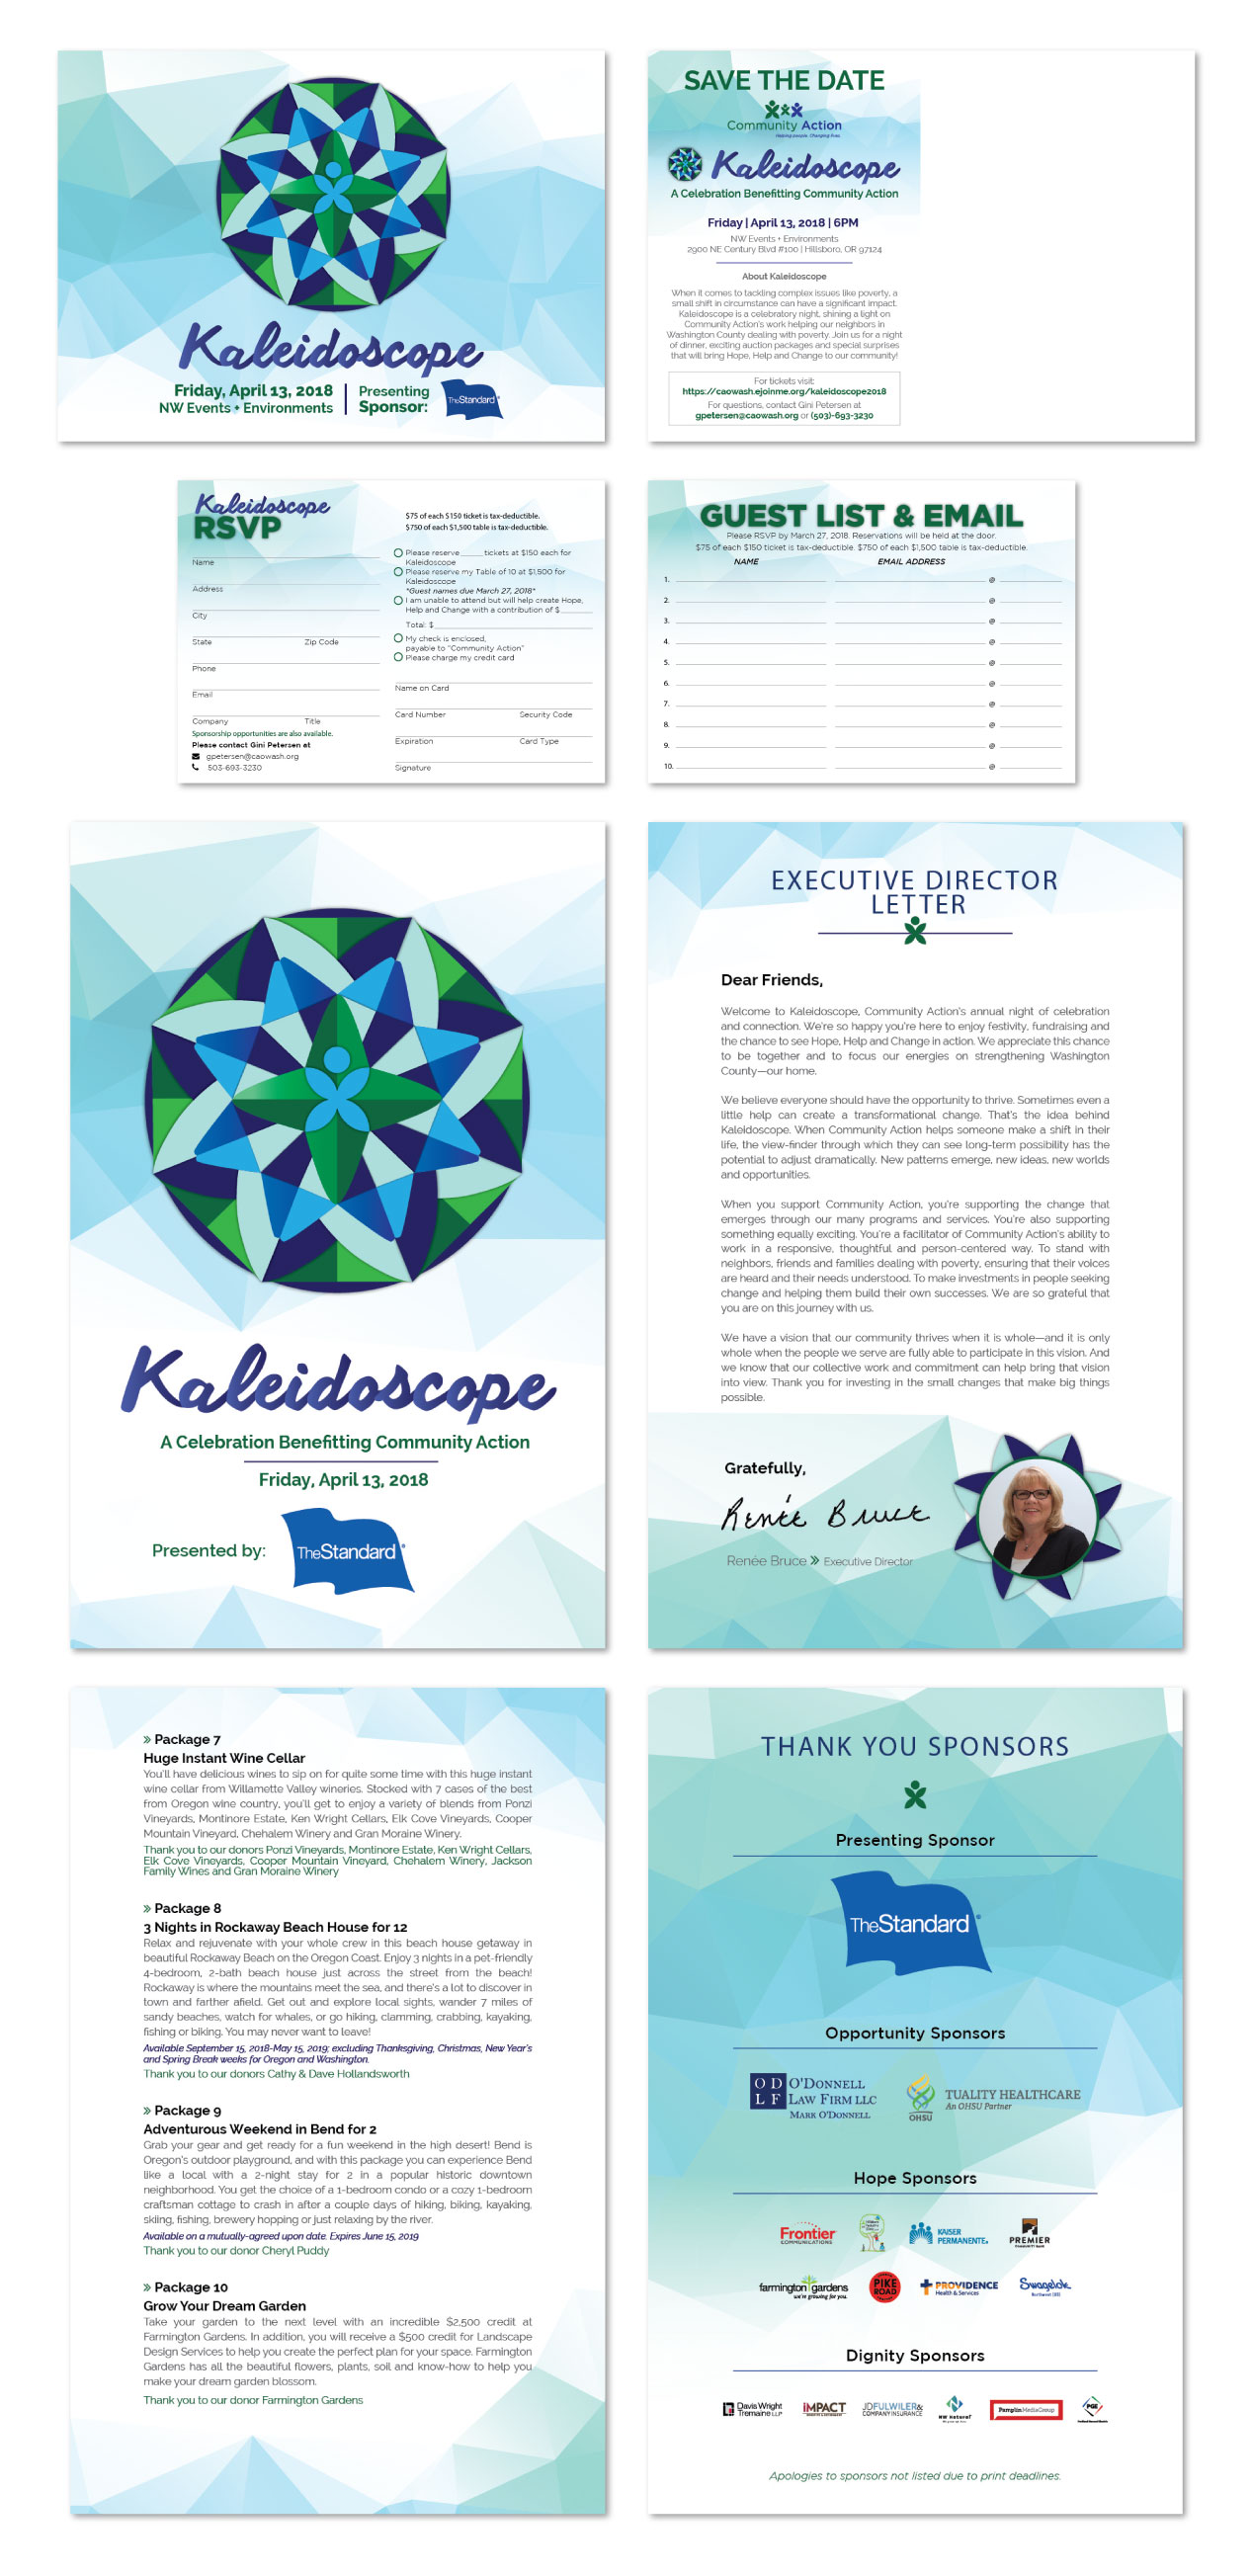 kaleidoscope2018